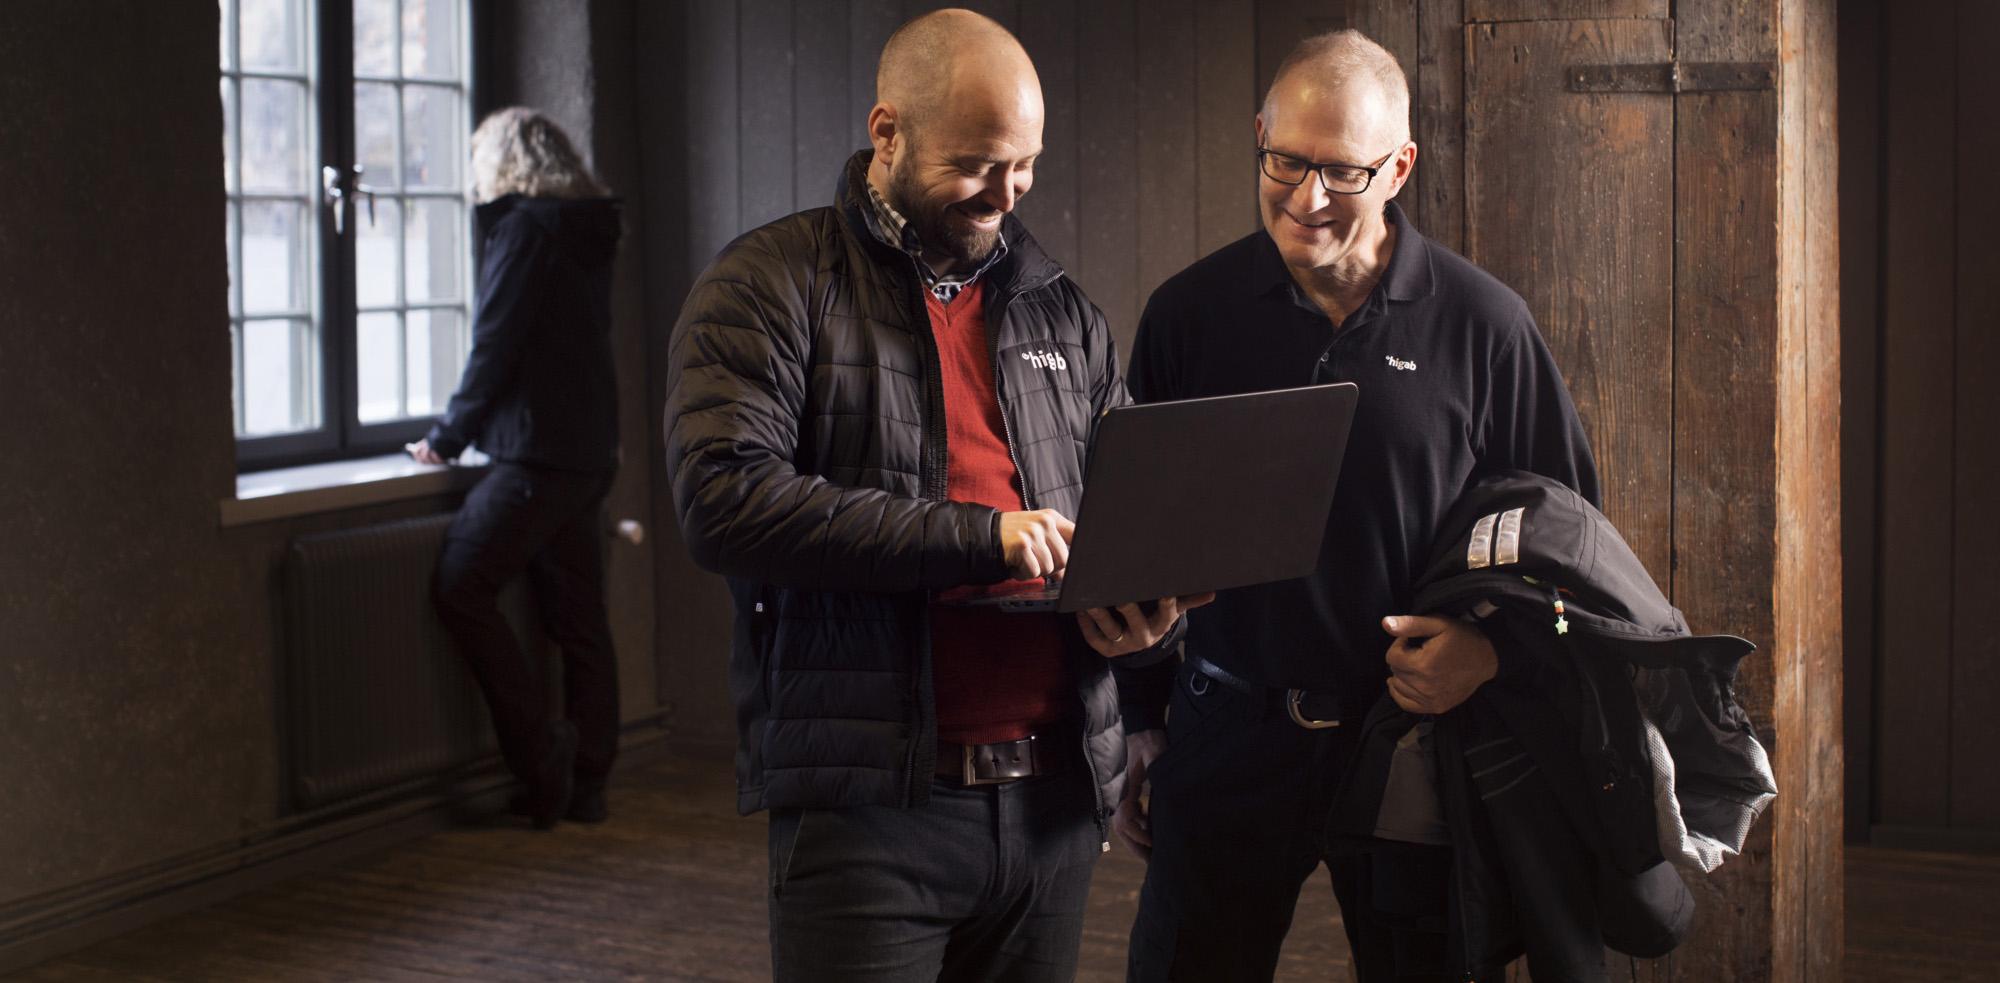 Två Higab-medarbetare står och kollar på skärmen på en bärbar dator.